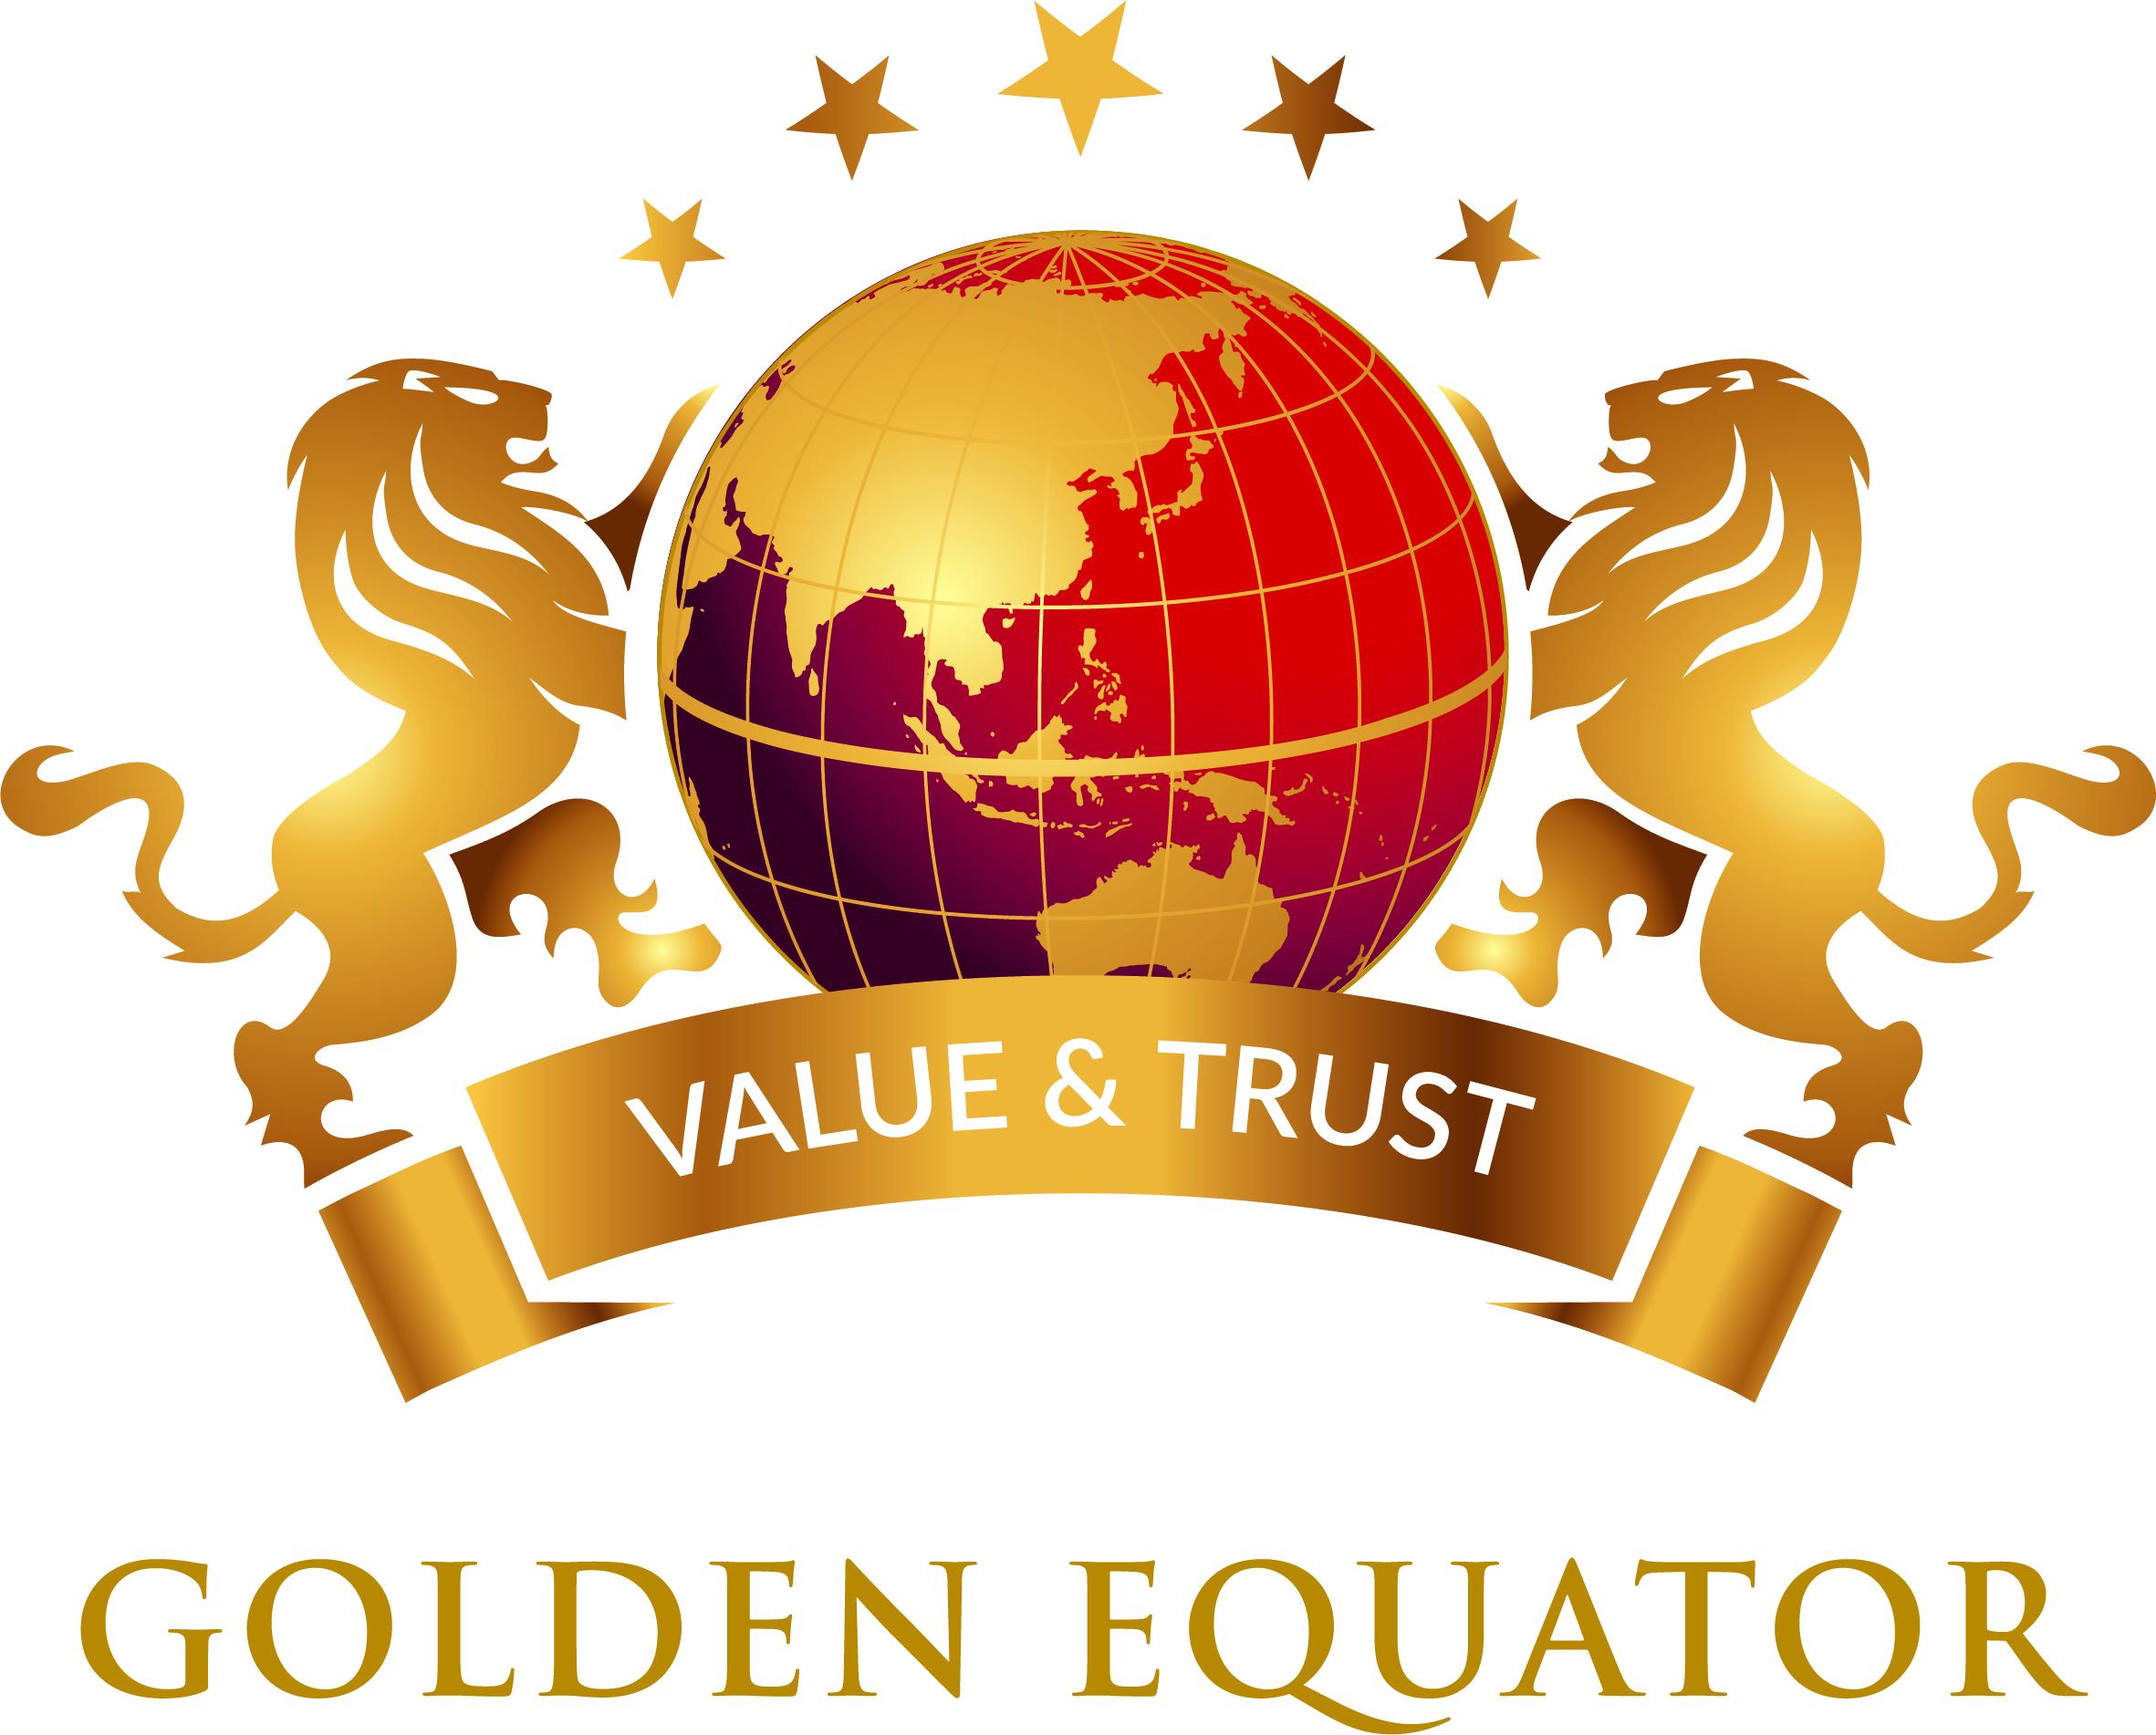 Golden Equator Holdings